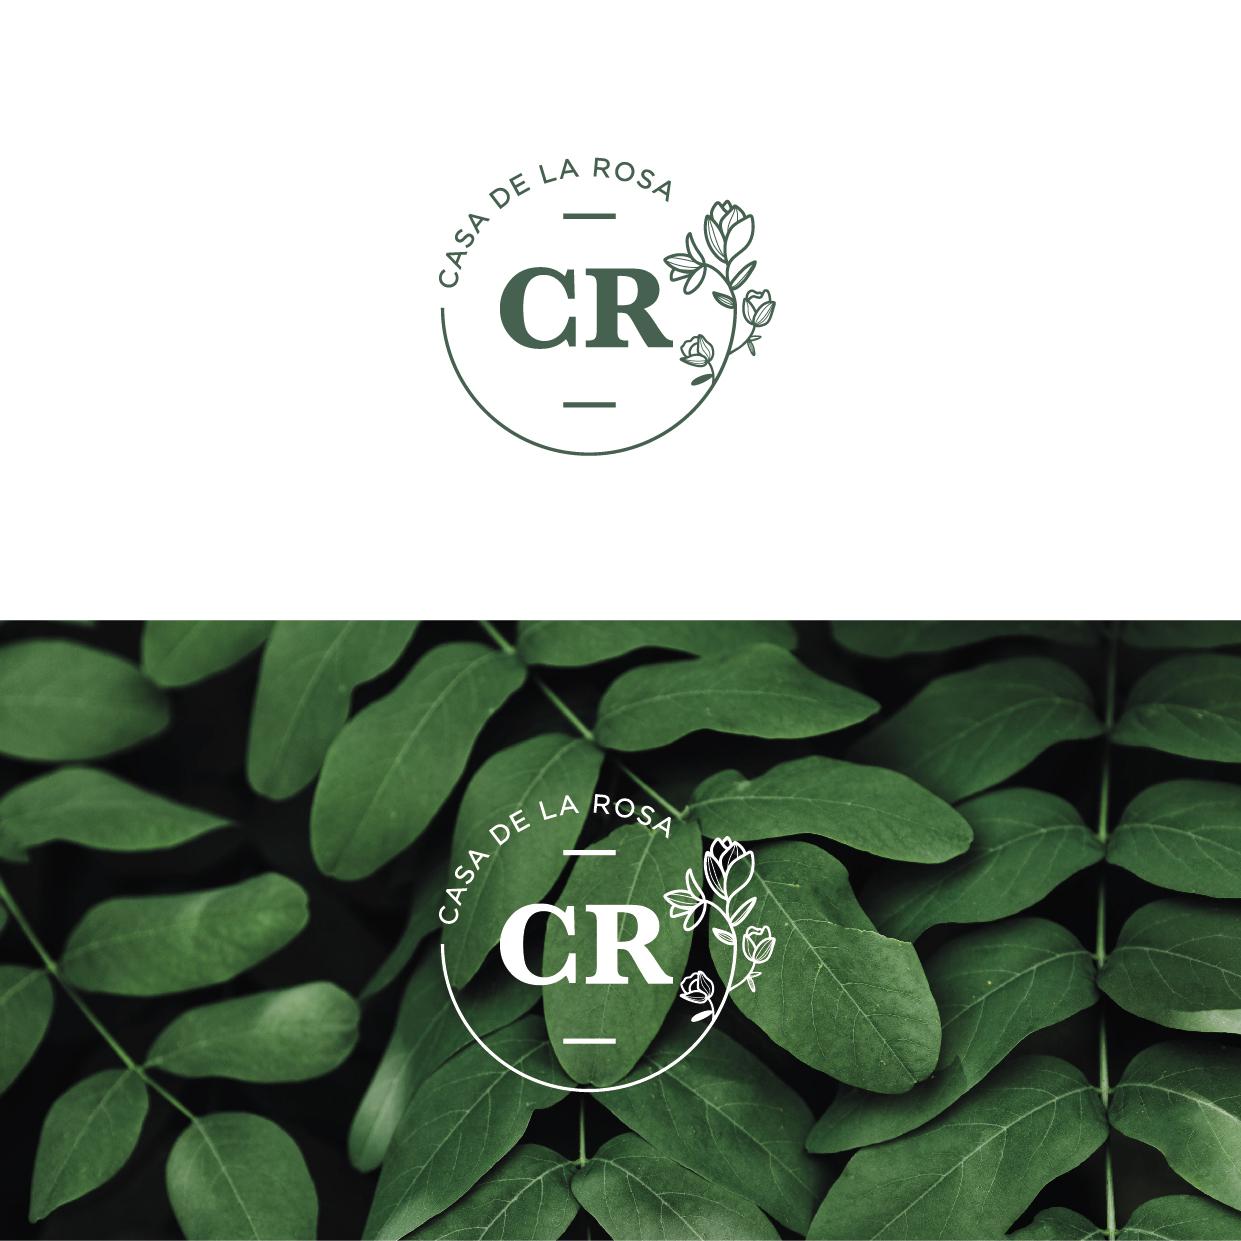 Логотип + Фирменный знак для элитного поселка Casa De La Rosa фото f_6615cd2e1087e55c.jpg